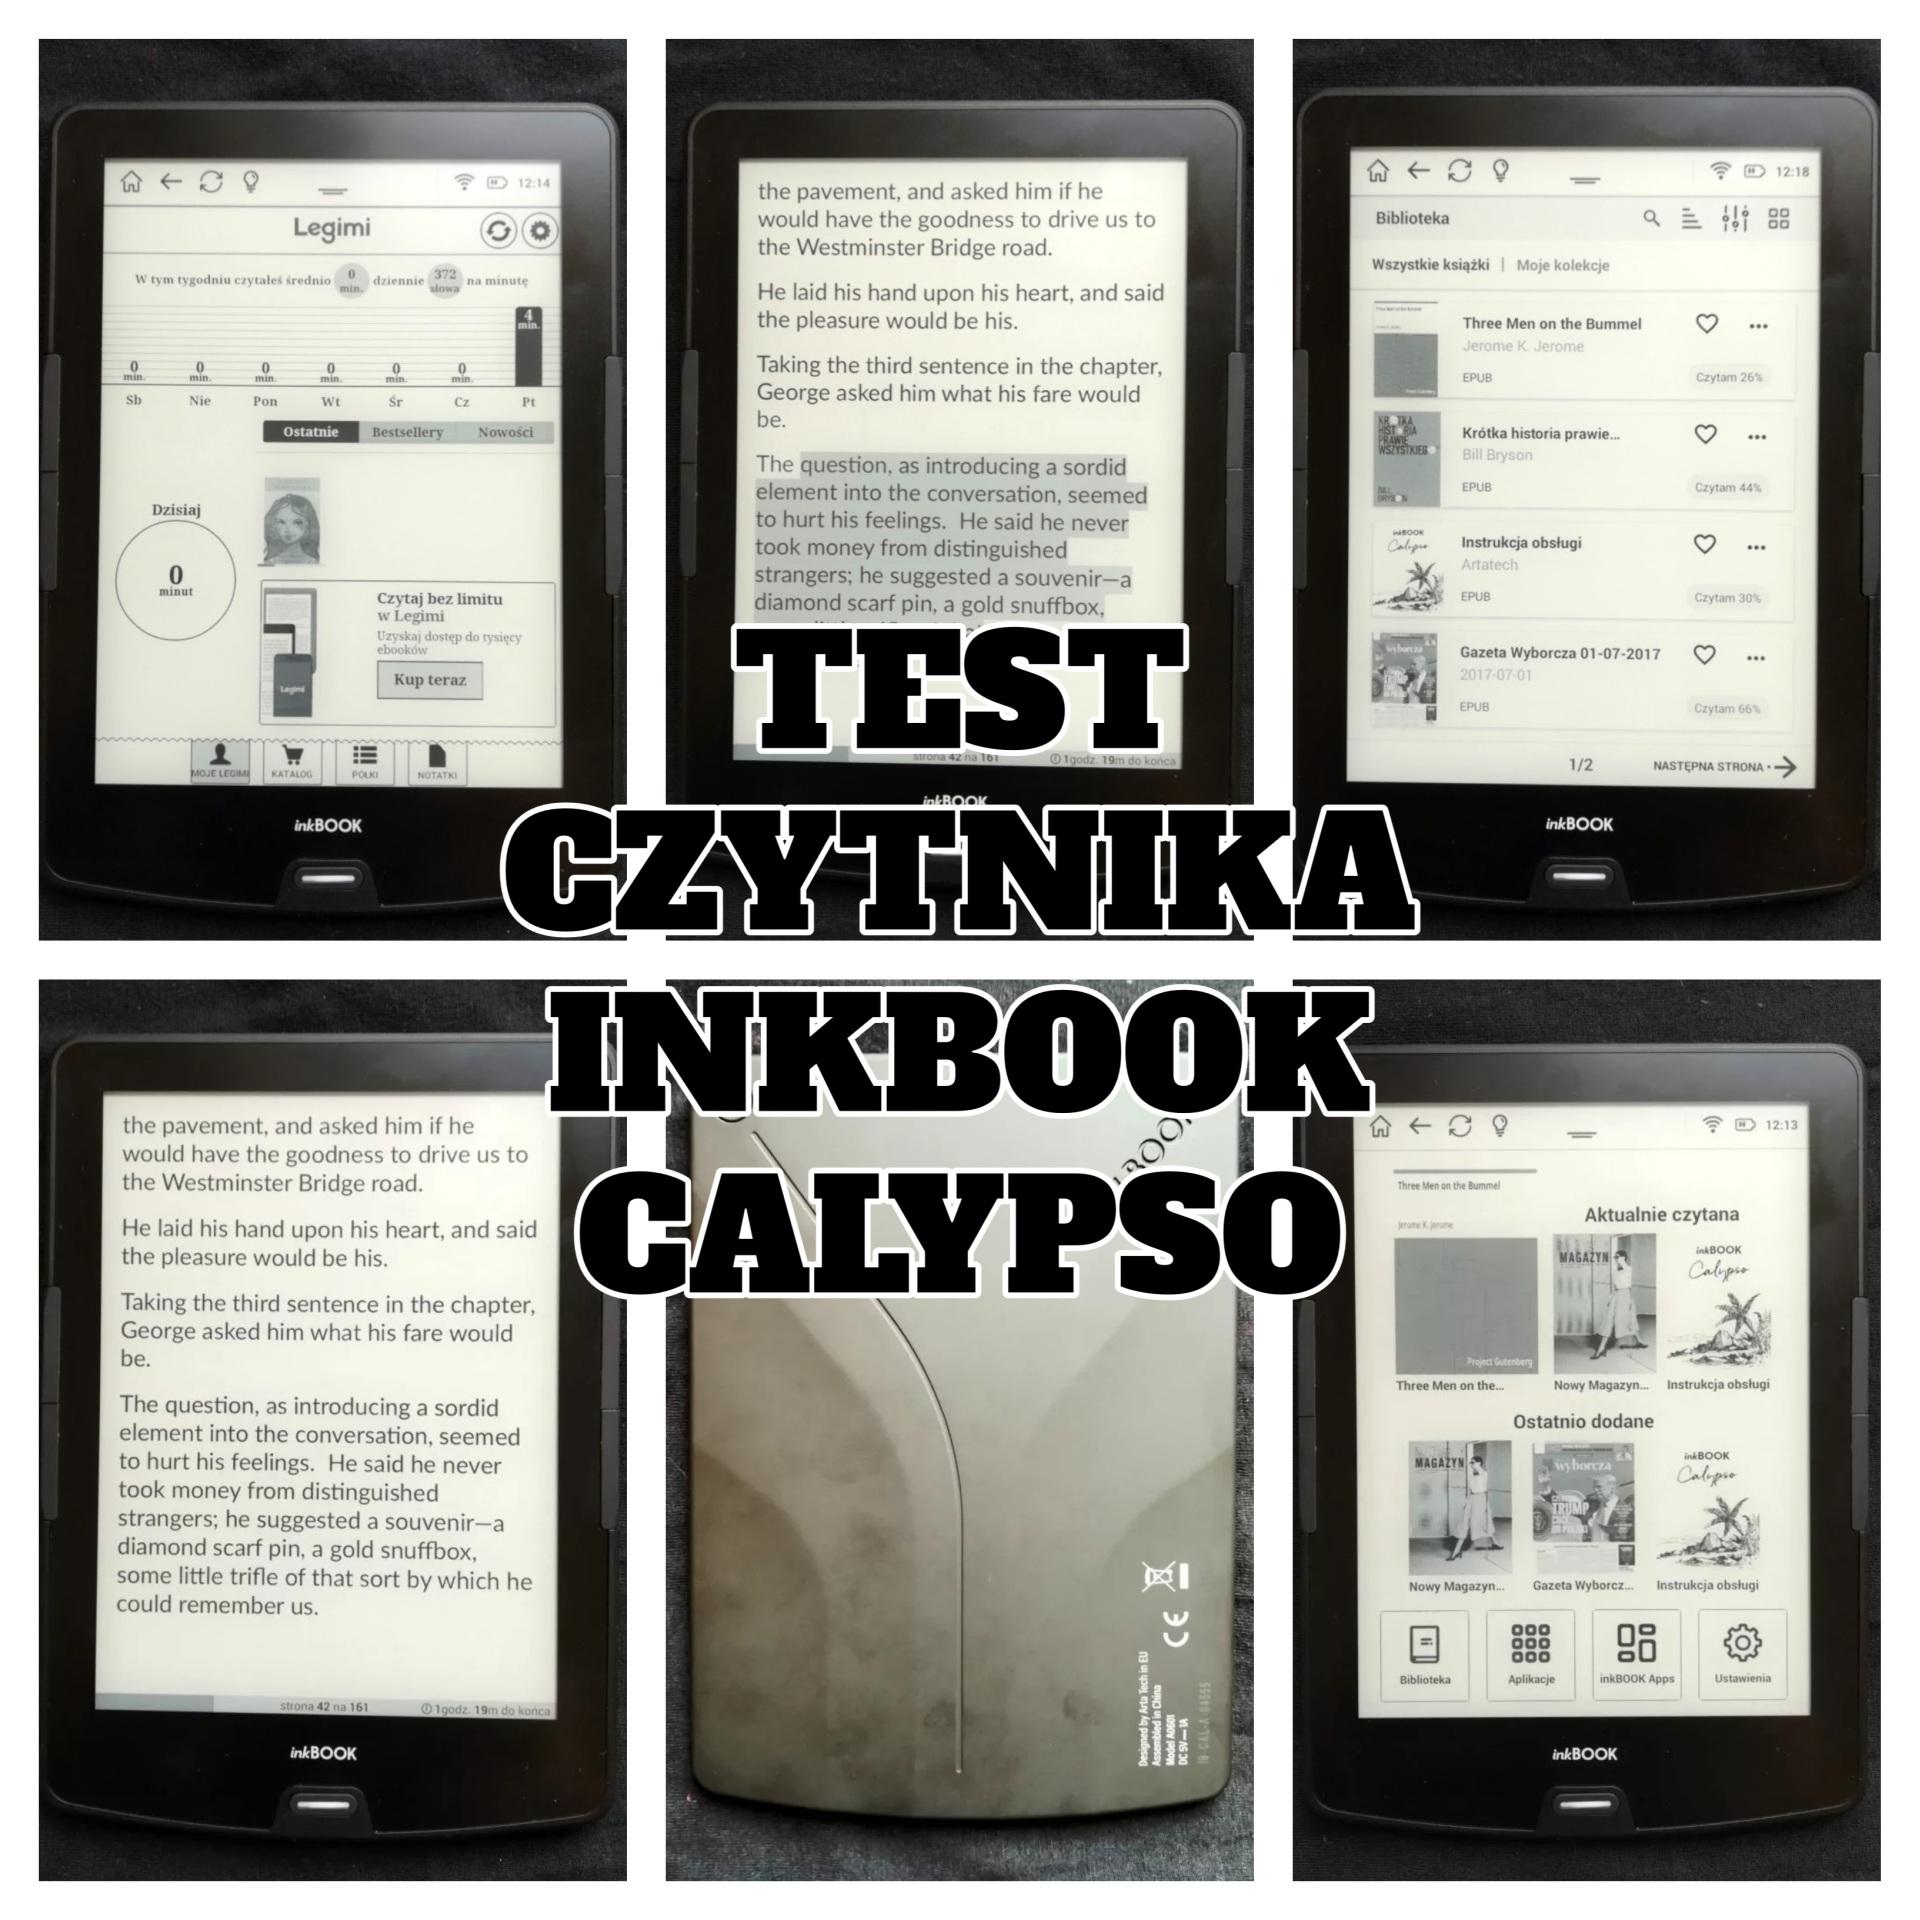 Test czytnika InkBOOK Calypso - www.naczytniku.pl